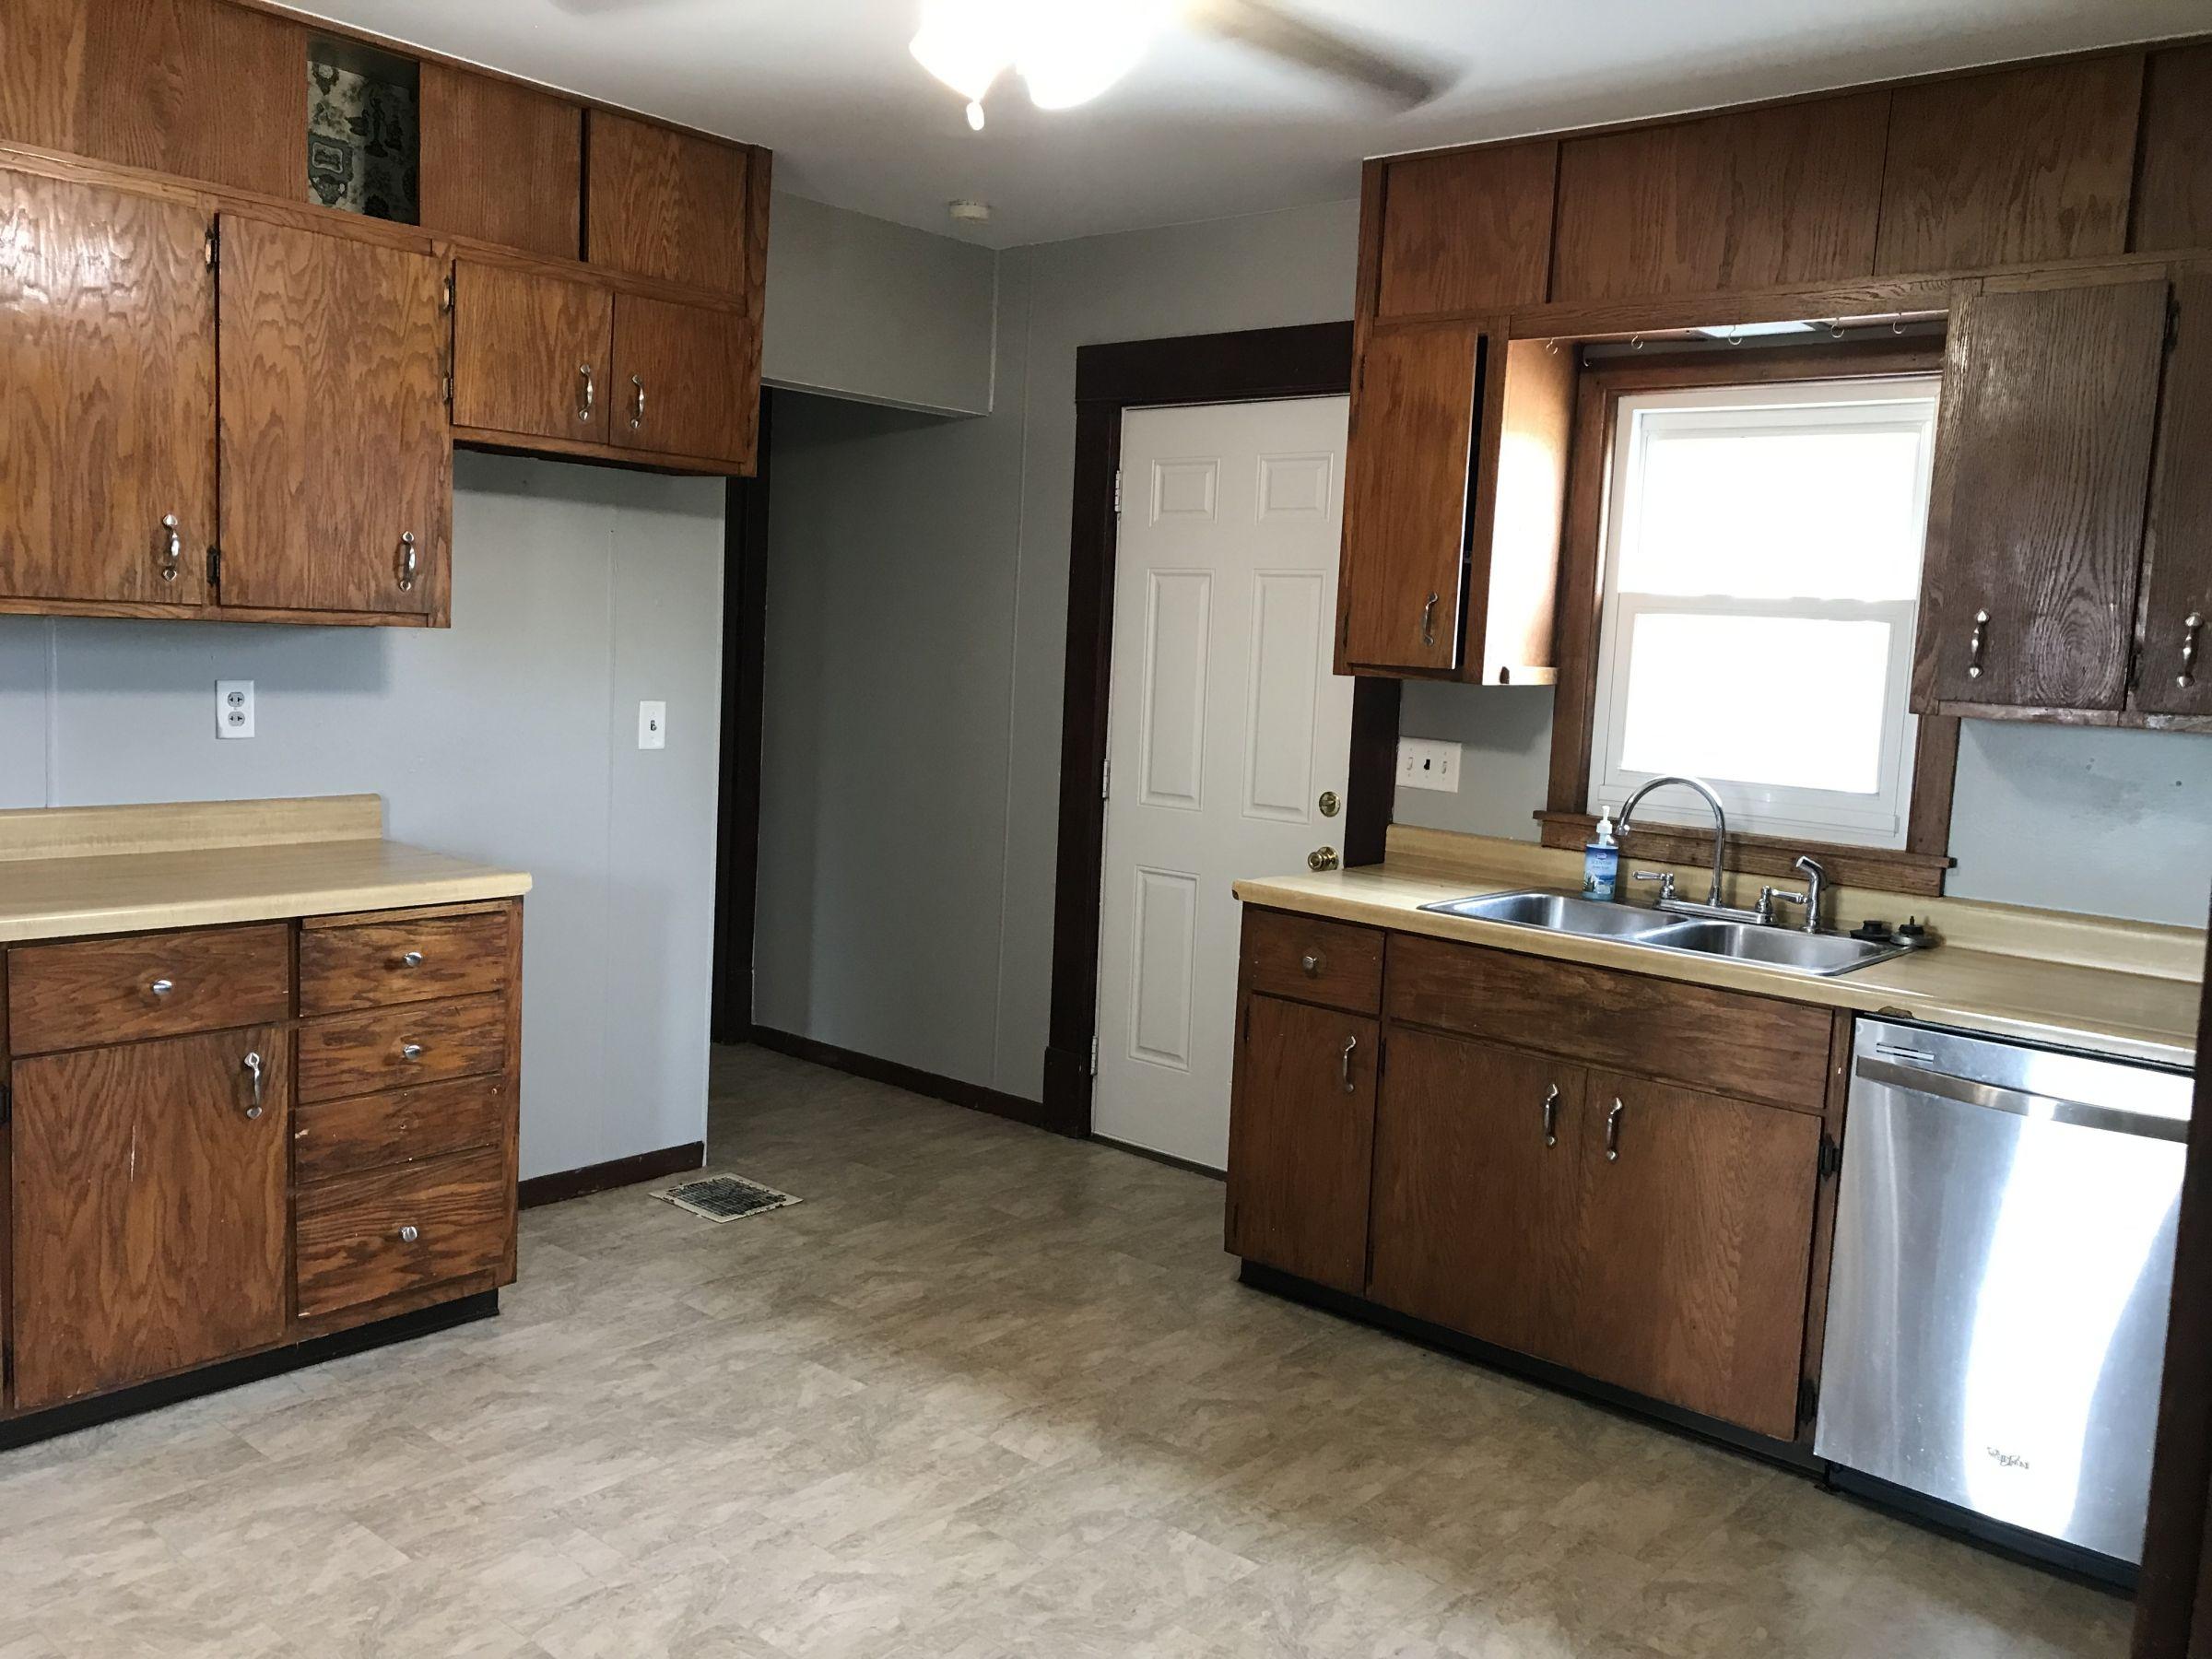 residential-adair-county-iowa-6-acres-listing-number-15664-6-2021-08-06-135459.jpg